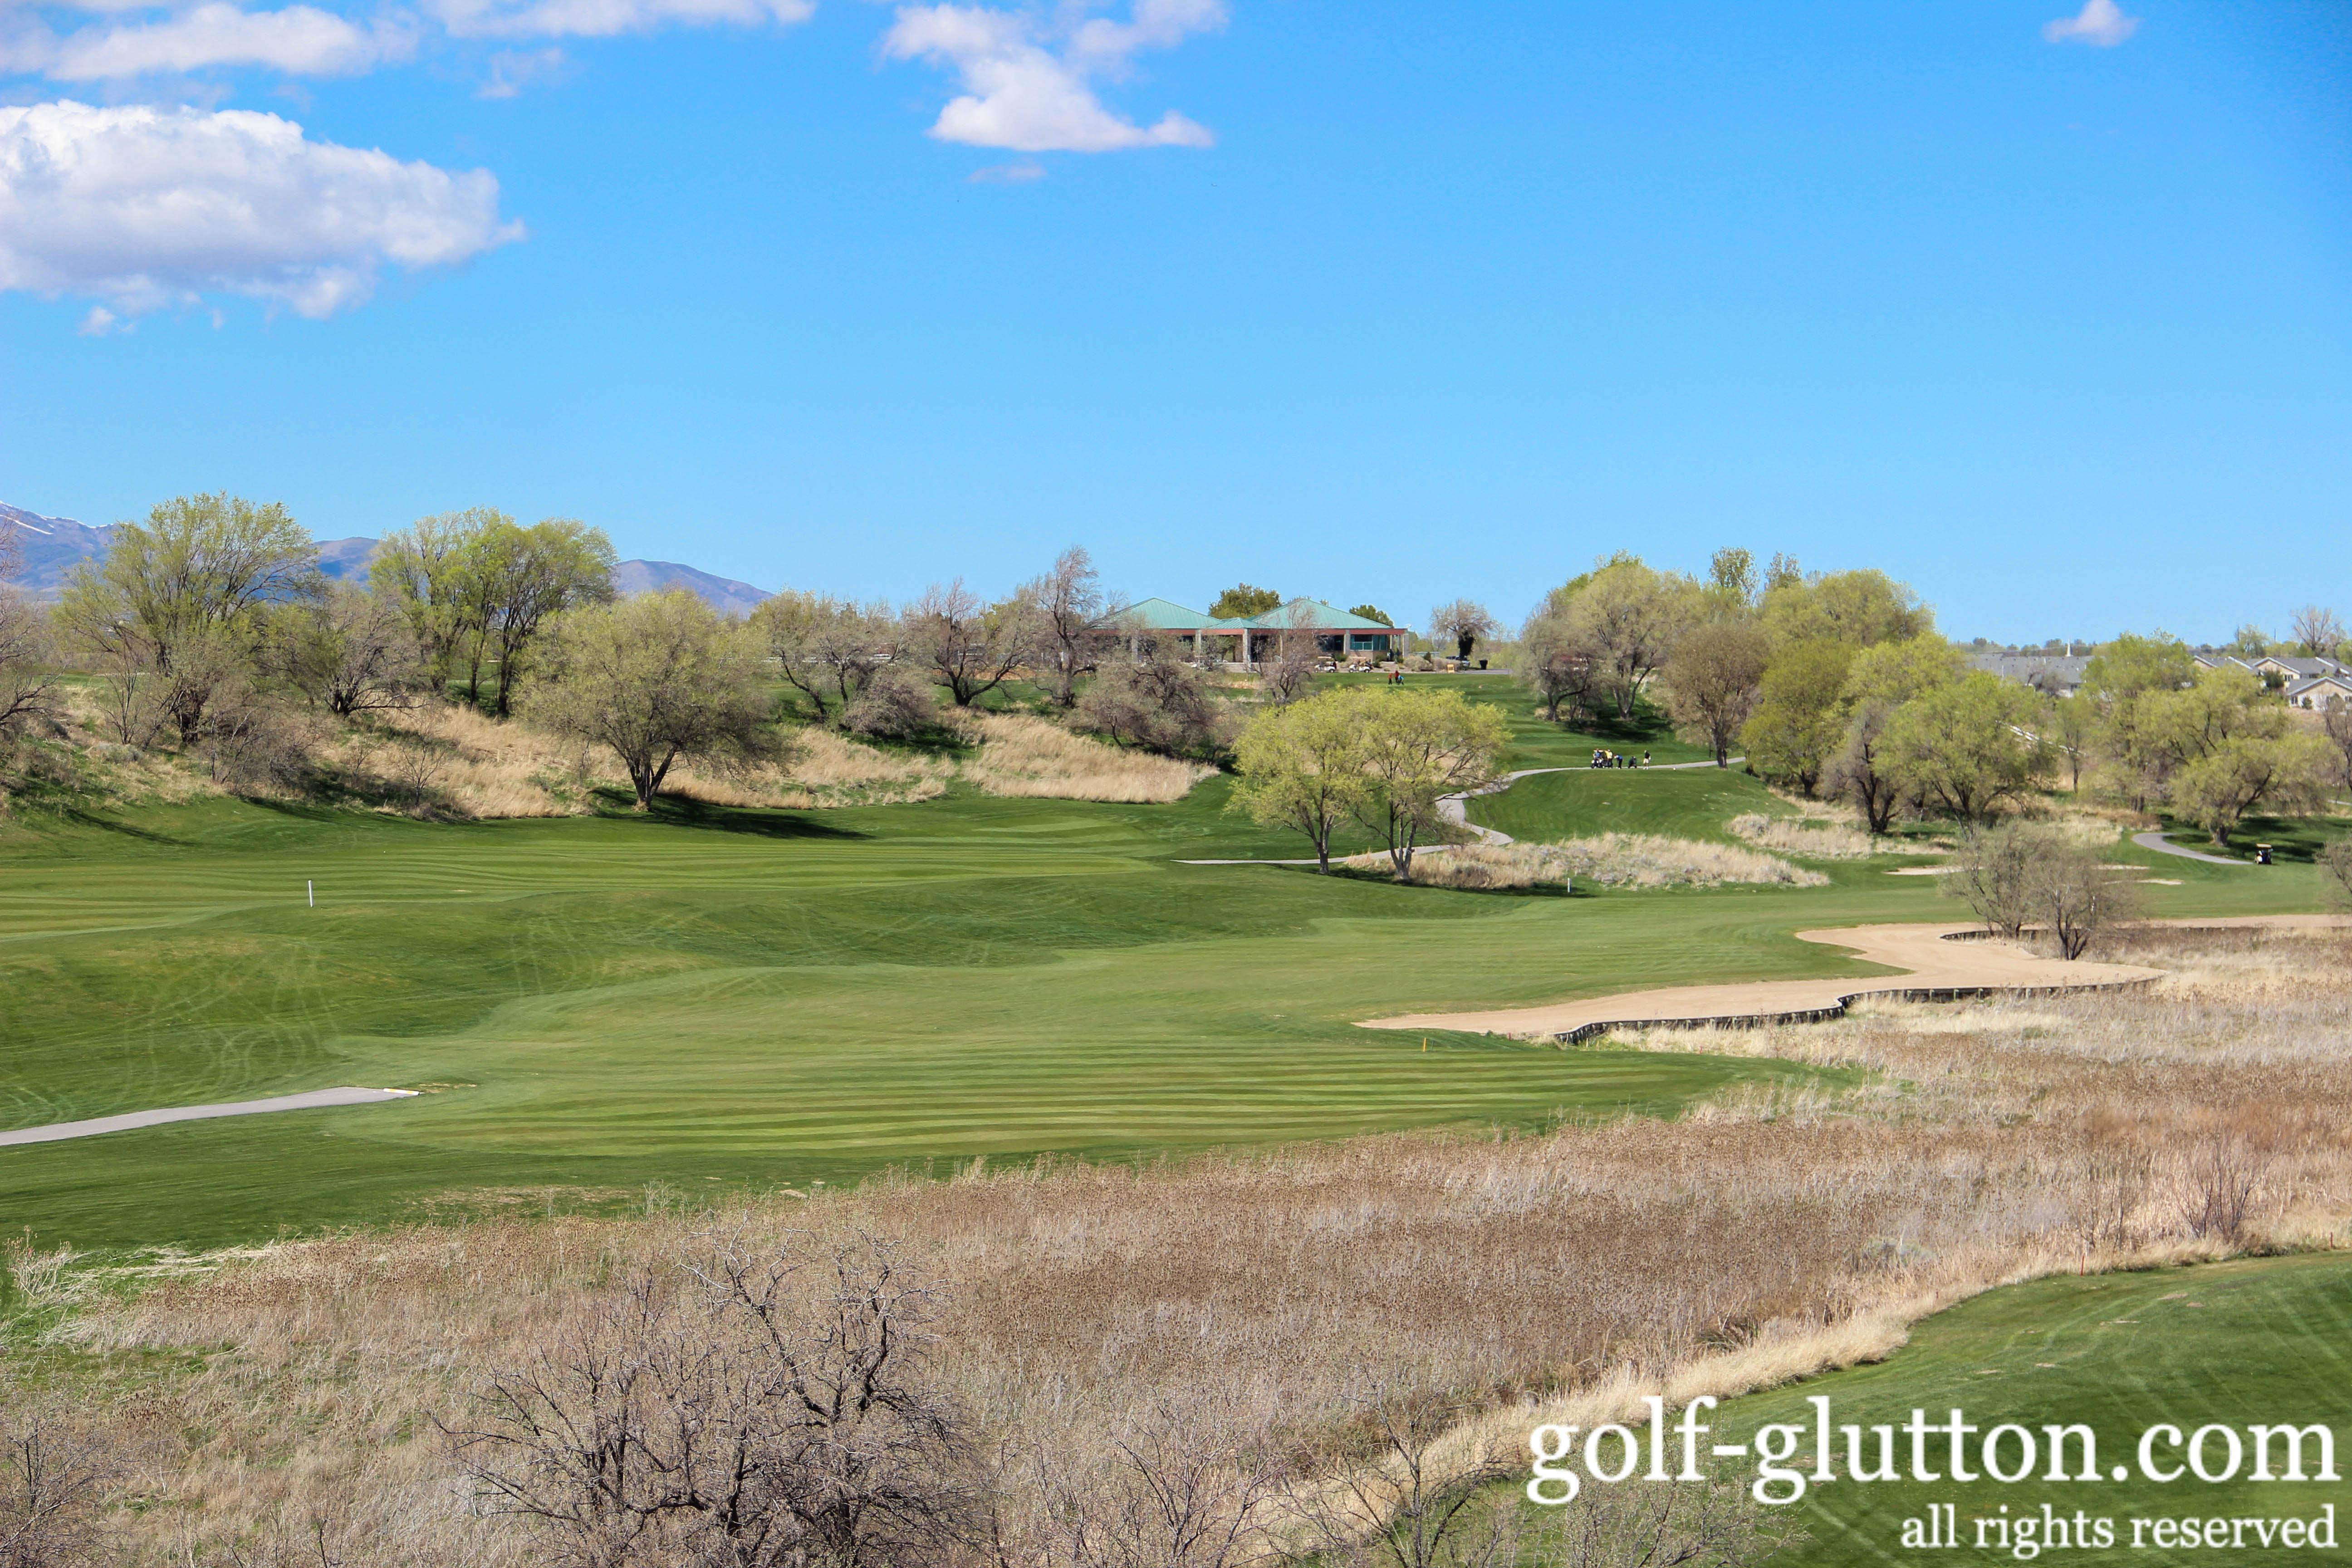 Salt river golf coupons